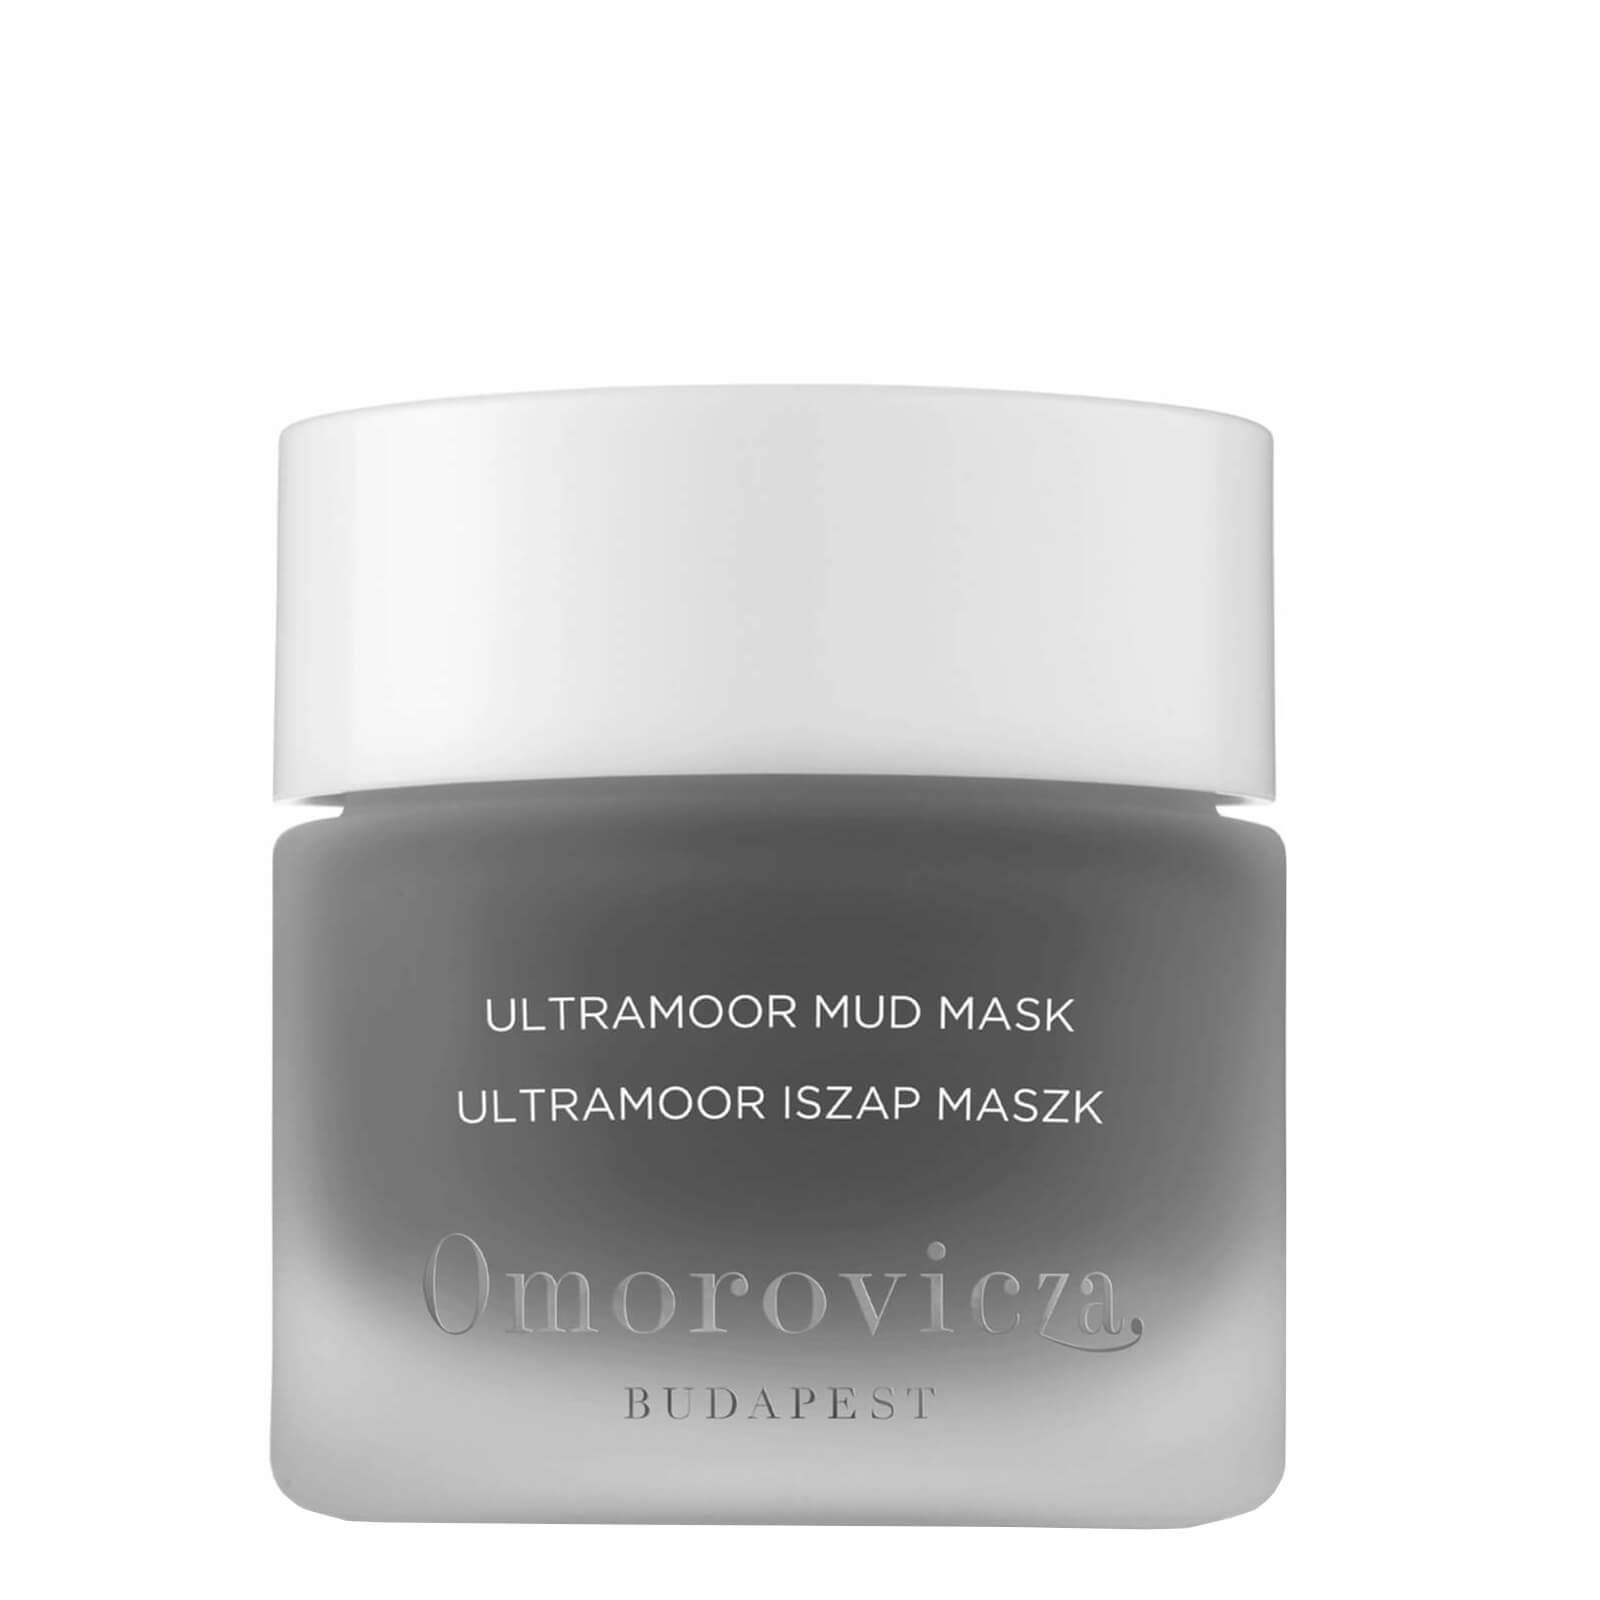 Omorovicza Ultramoor Mud Mask (50ml)